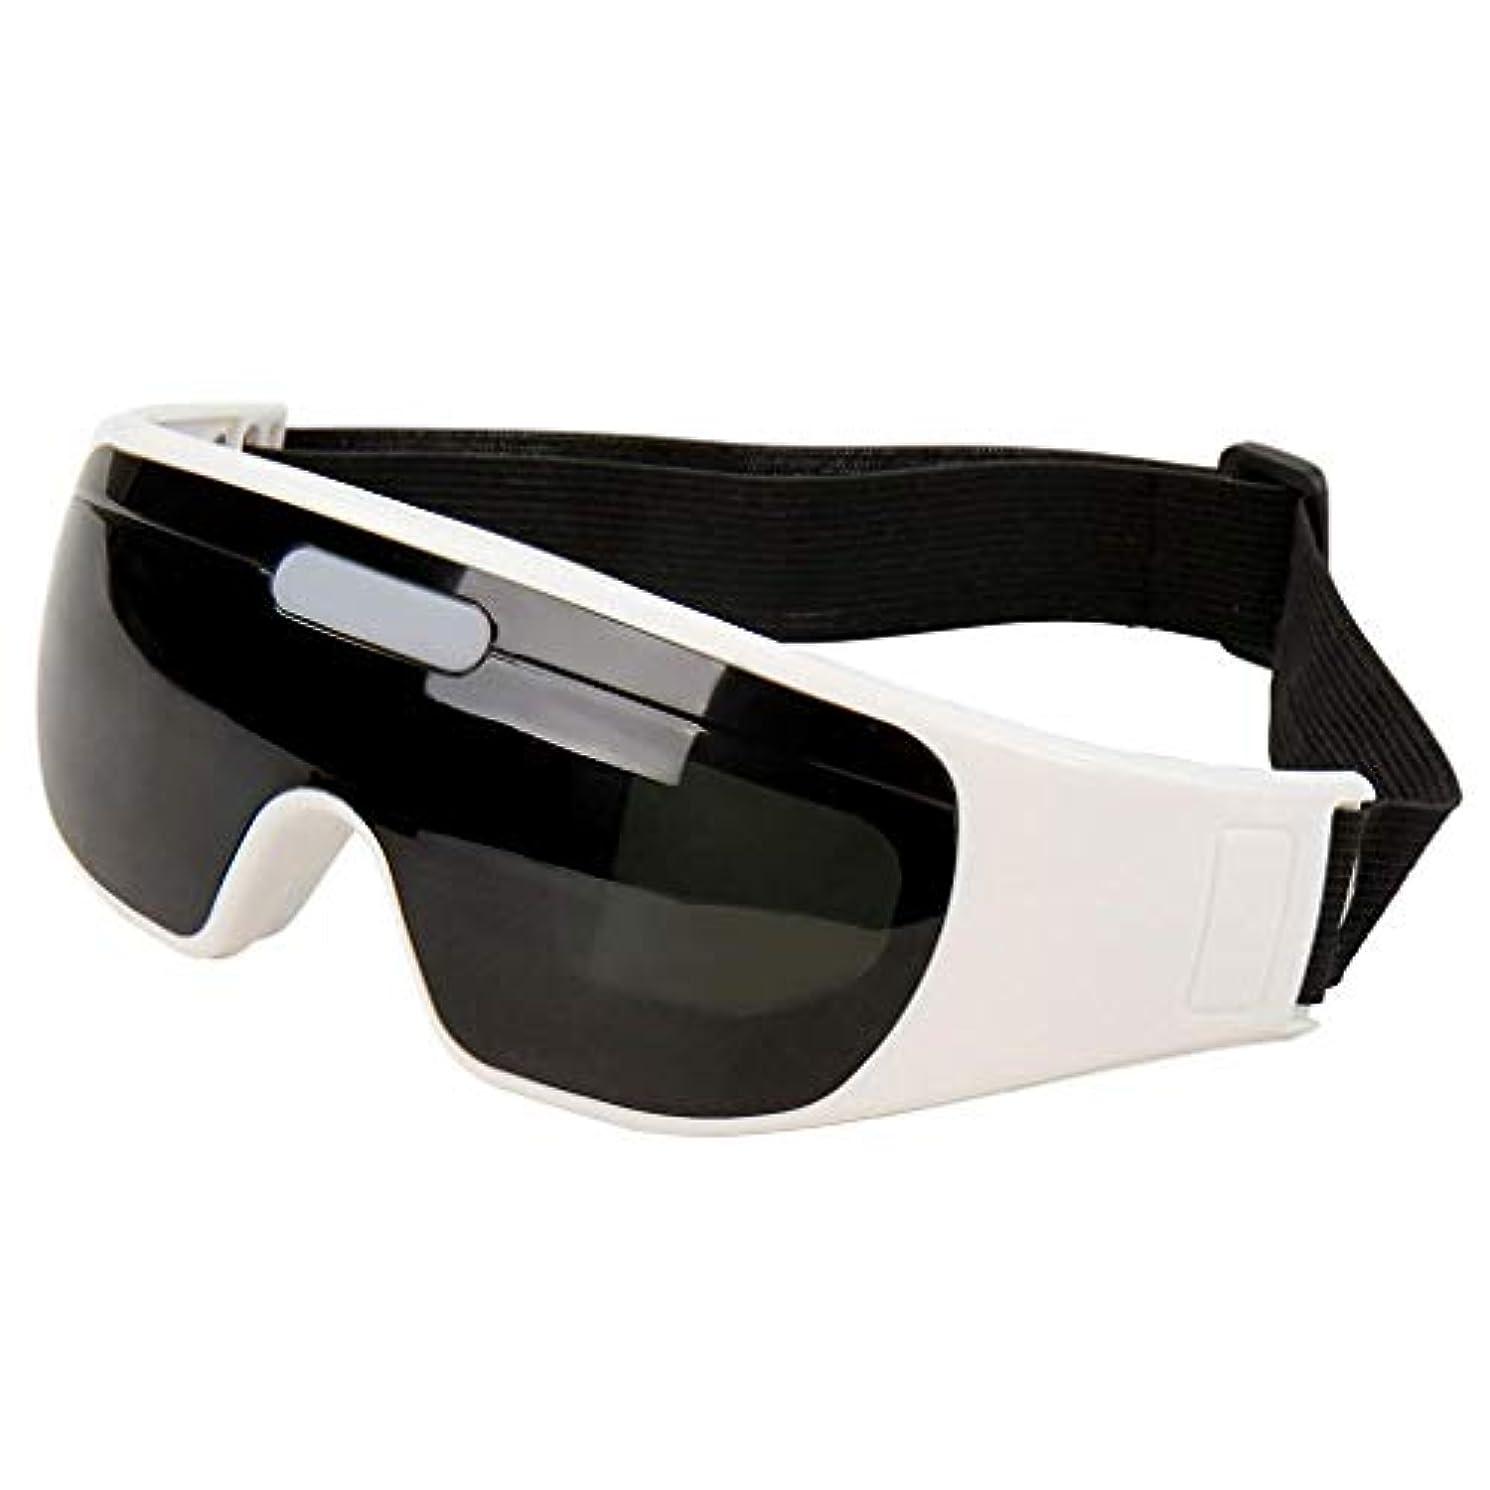 感謝統合する父方のアイマッサージメガネ、24ソフトマッサージセンサーメガネ、磁気療法アイマッサージャー、9モード電動アイマッサージャー健康、リラクゼーション、鍼